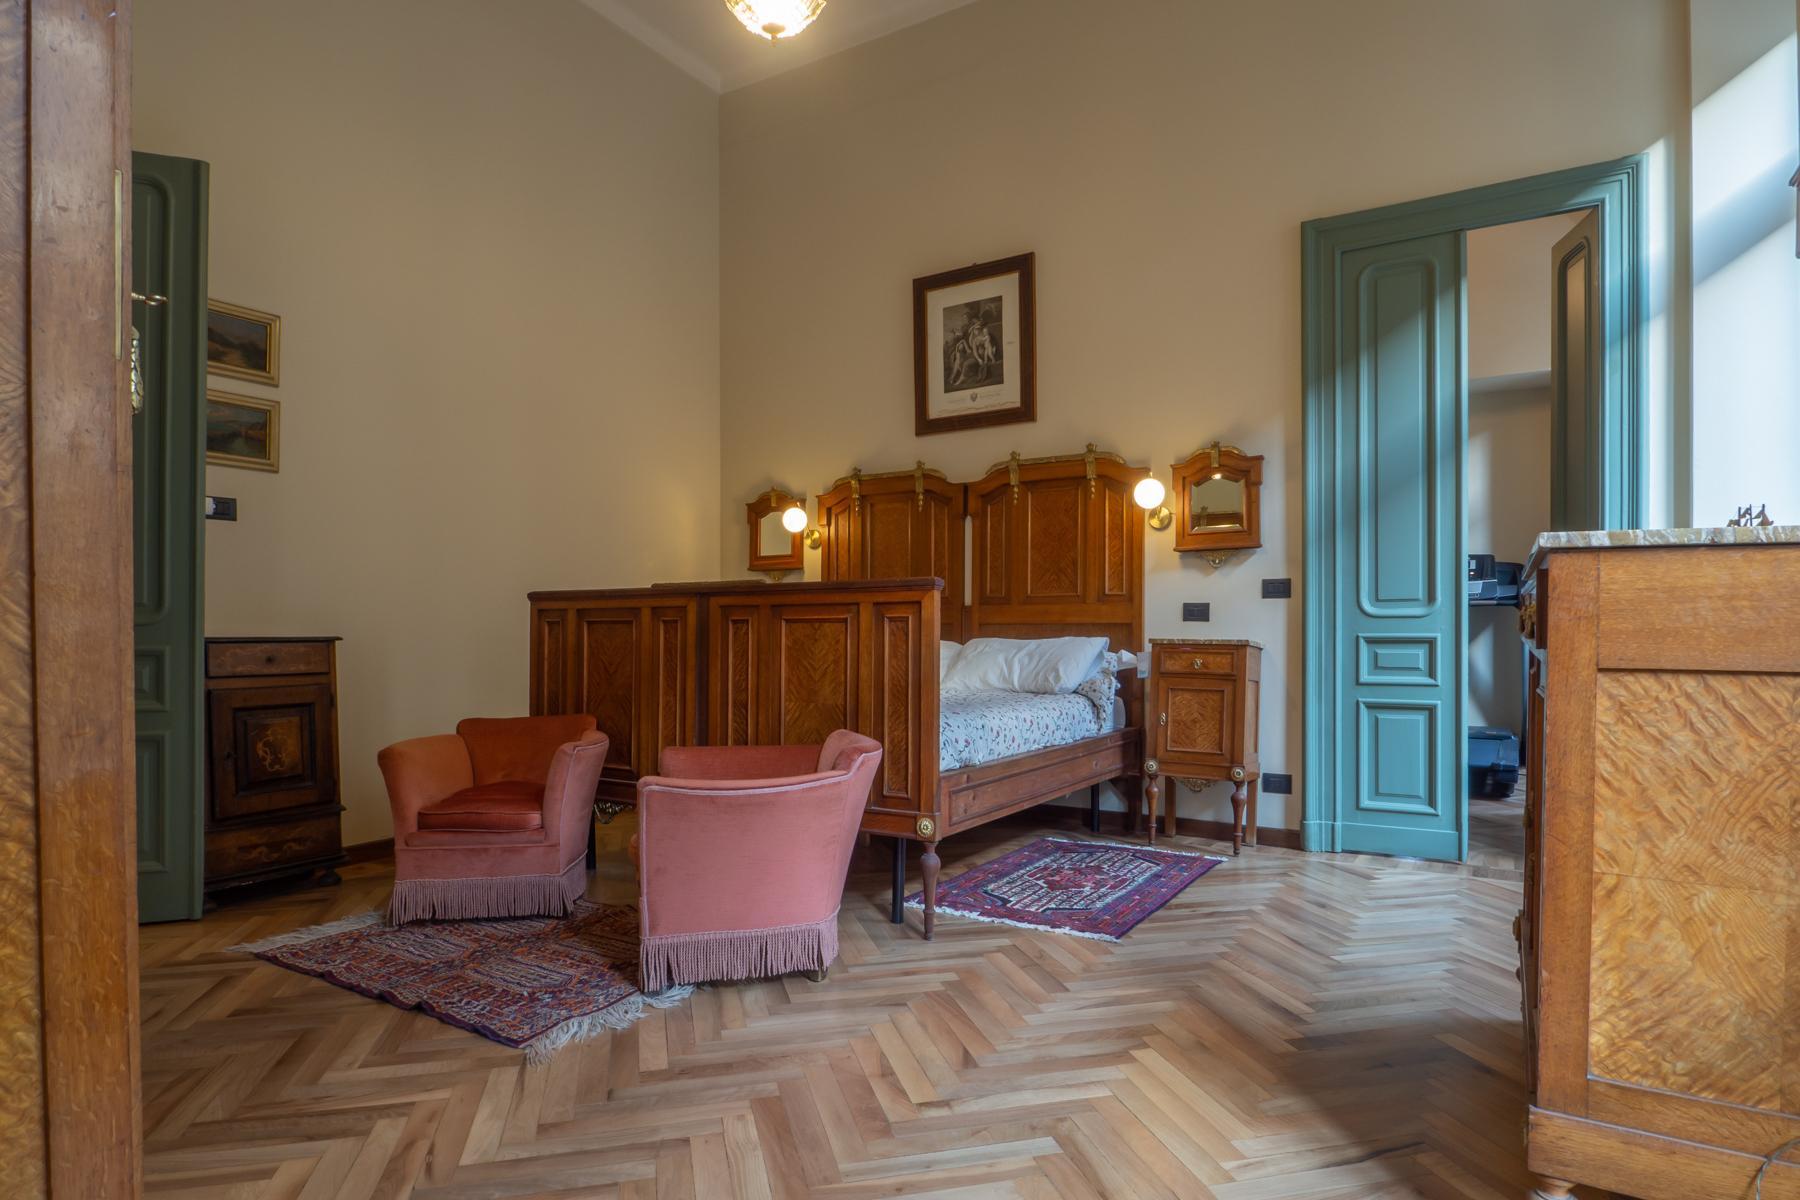 Exquisite apartment tastefully renovated - 10